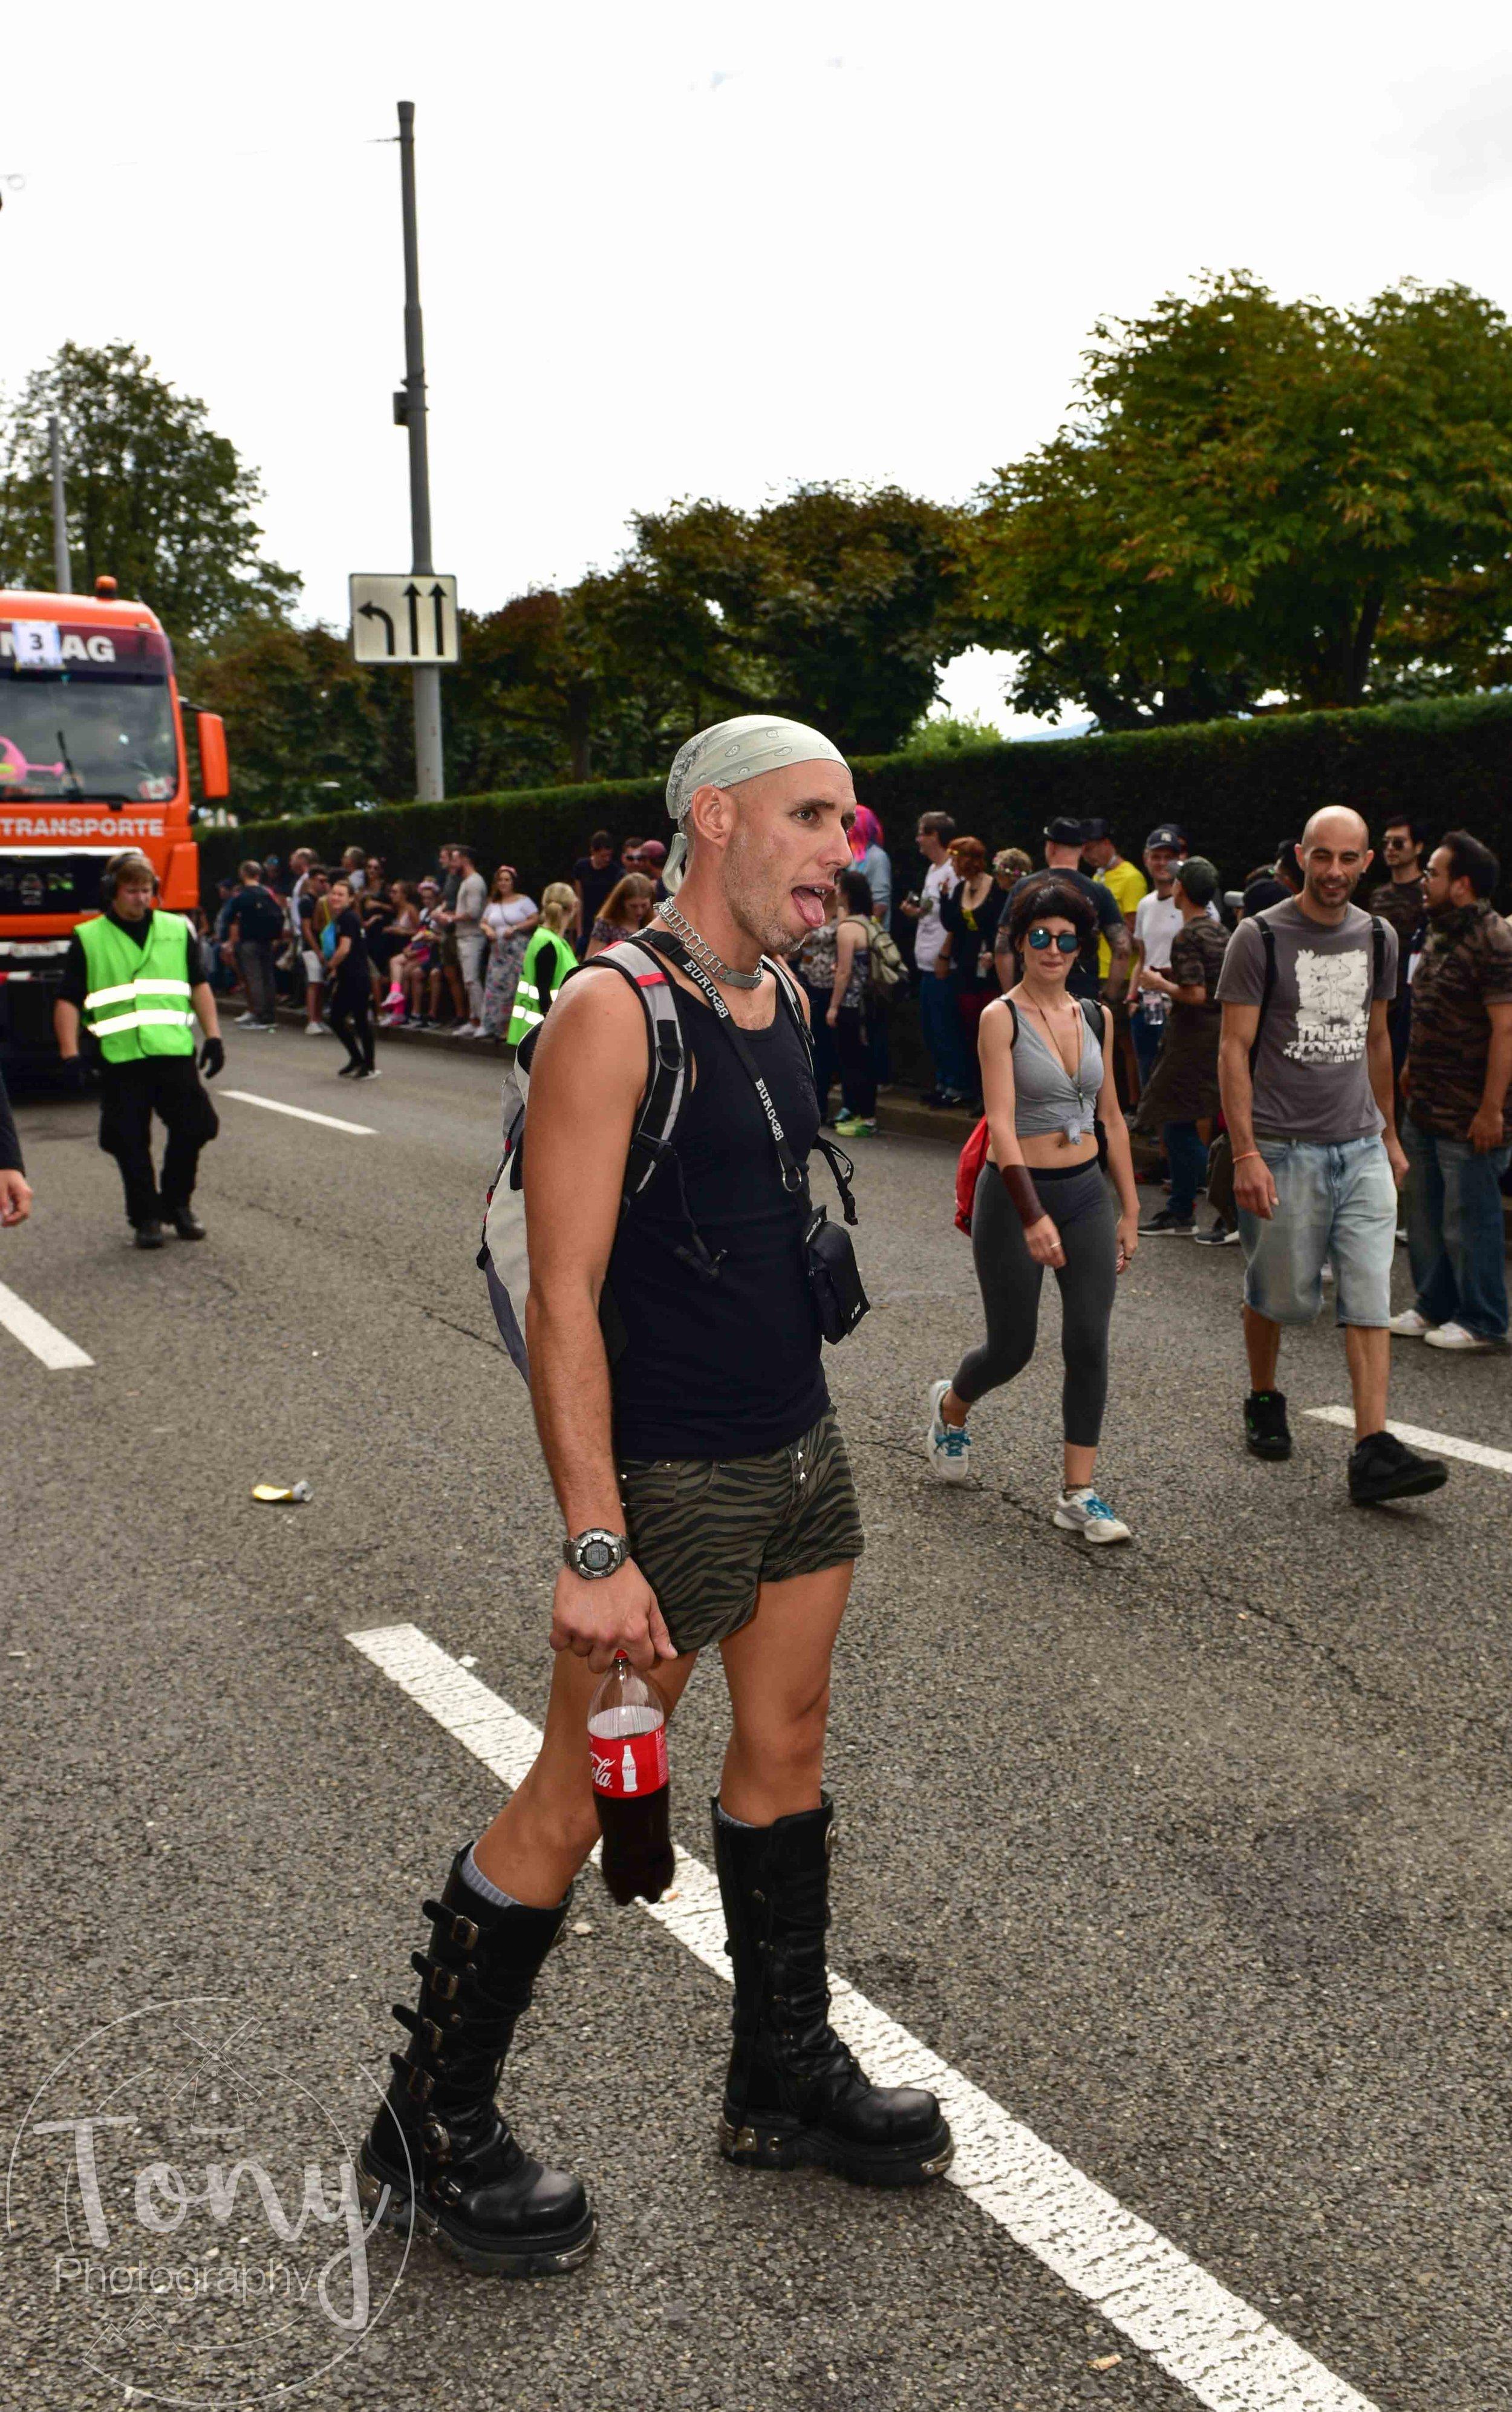 streetparade-64.jpg